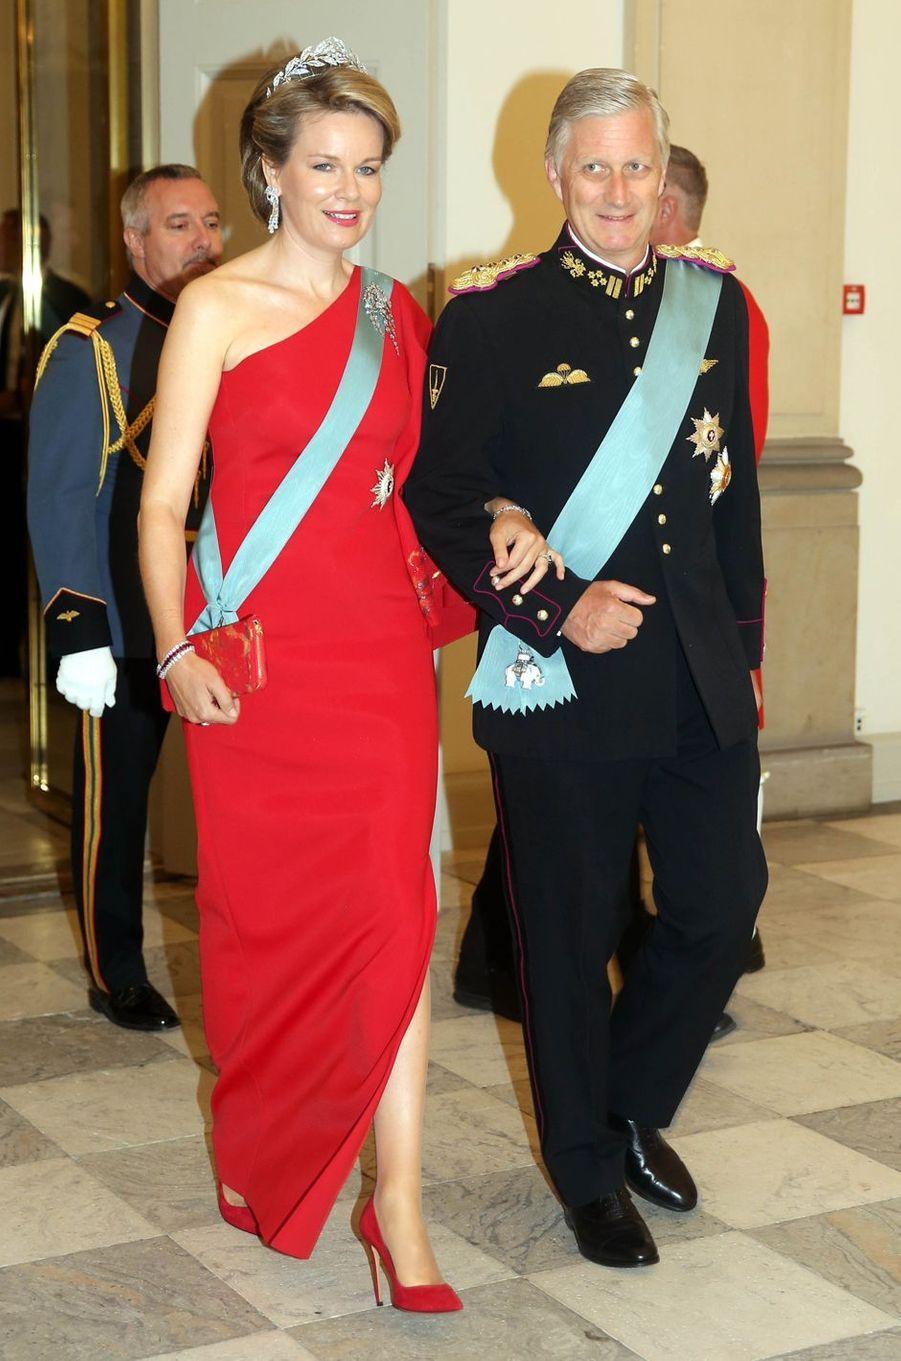 La reine Mathilde et le roi Philippe de Belgique à Copenhague, le 26 mai 2018